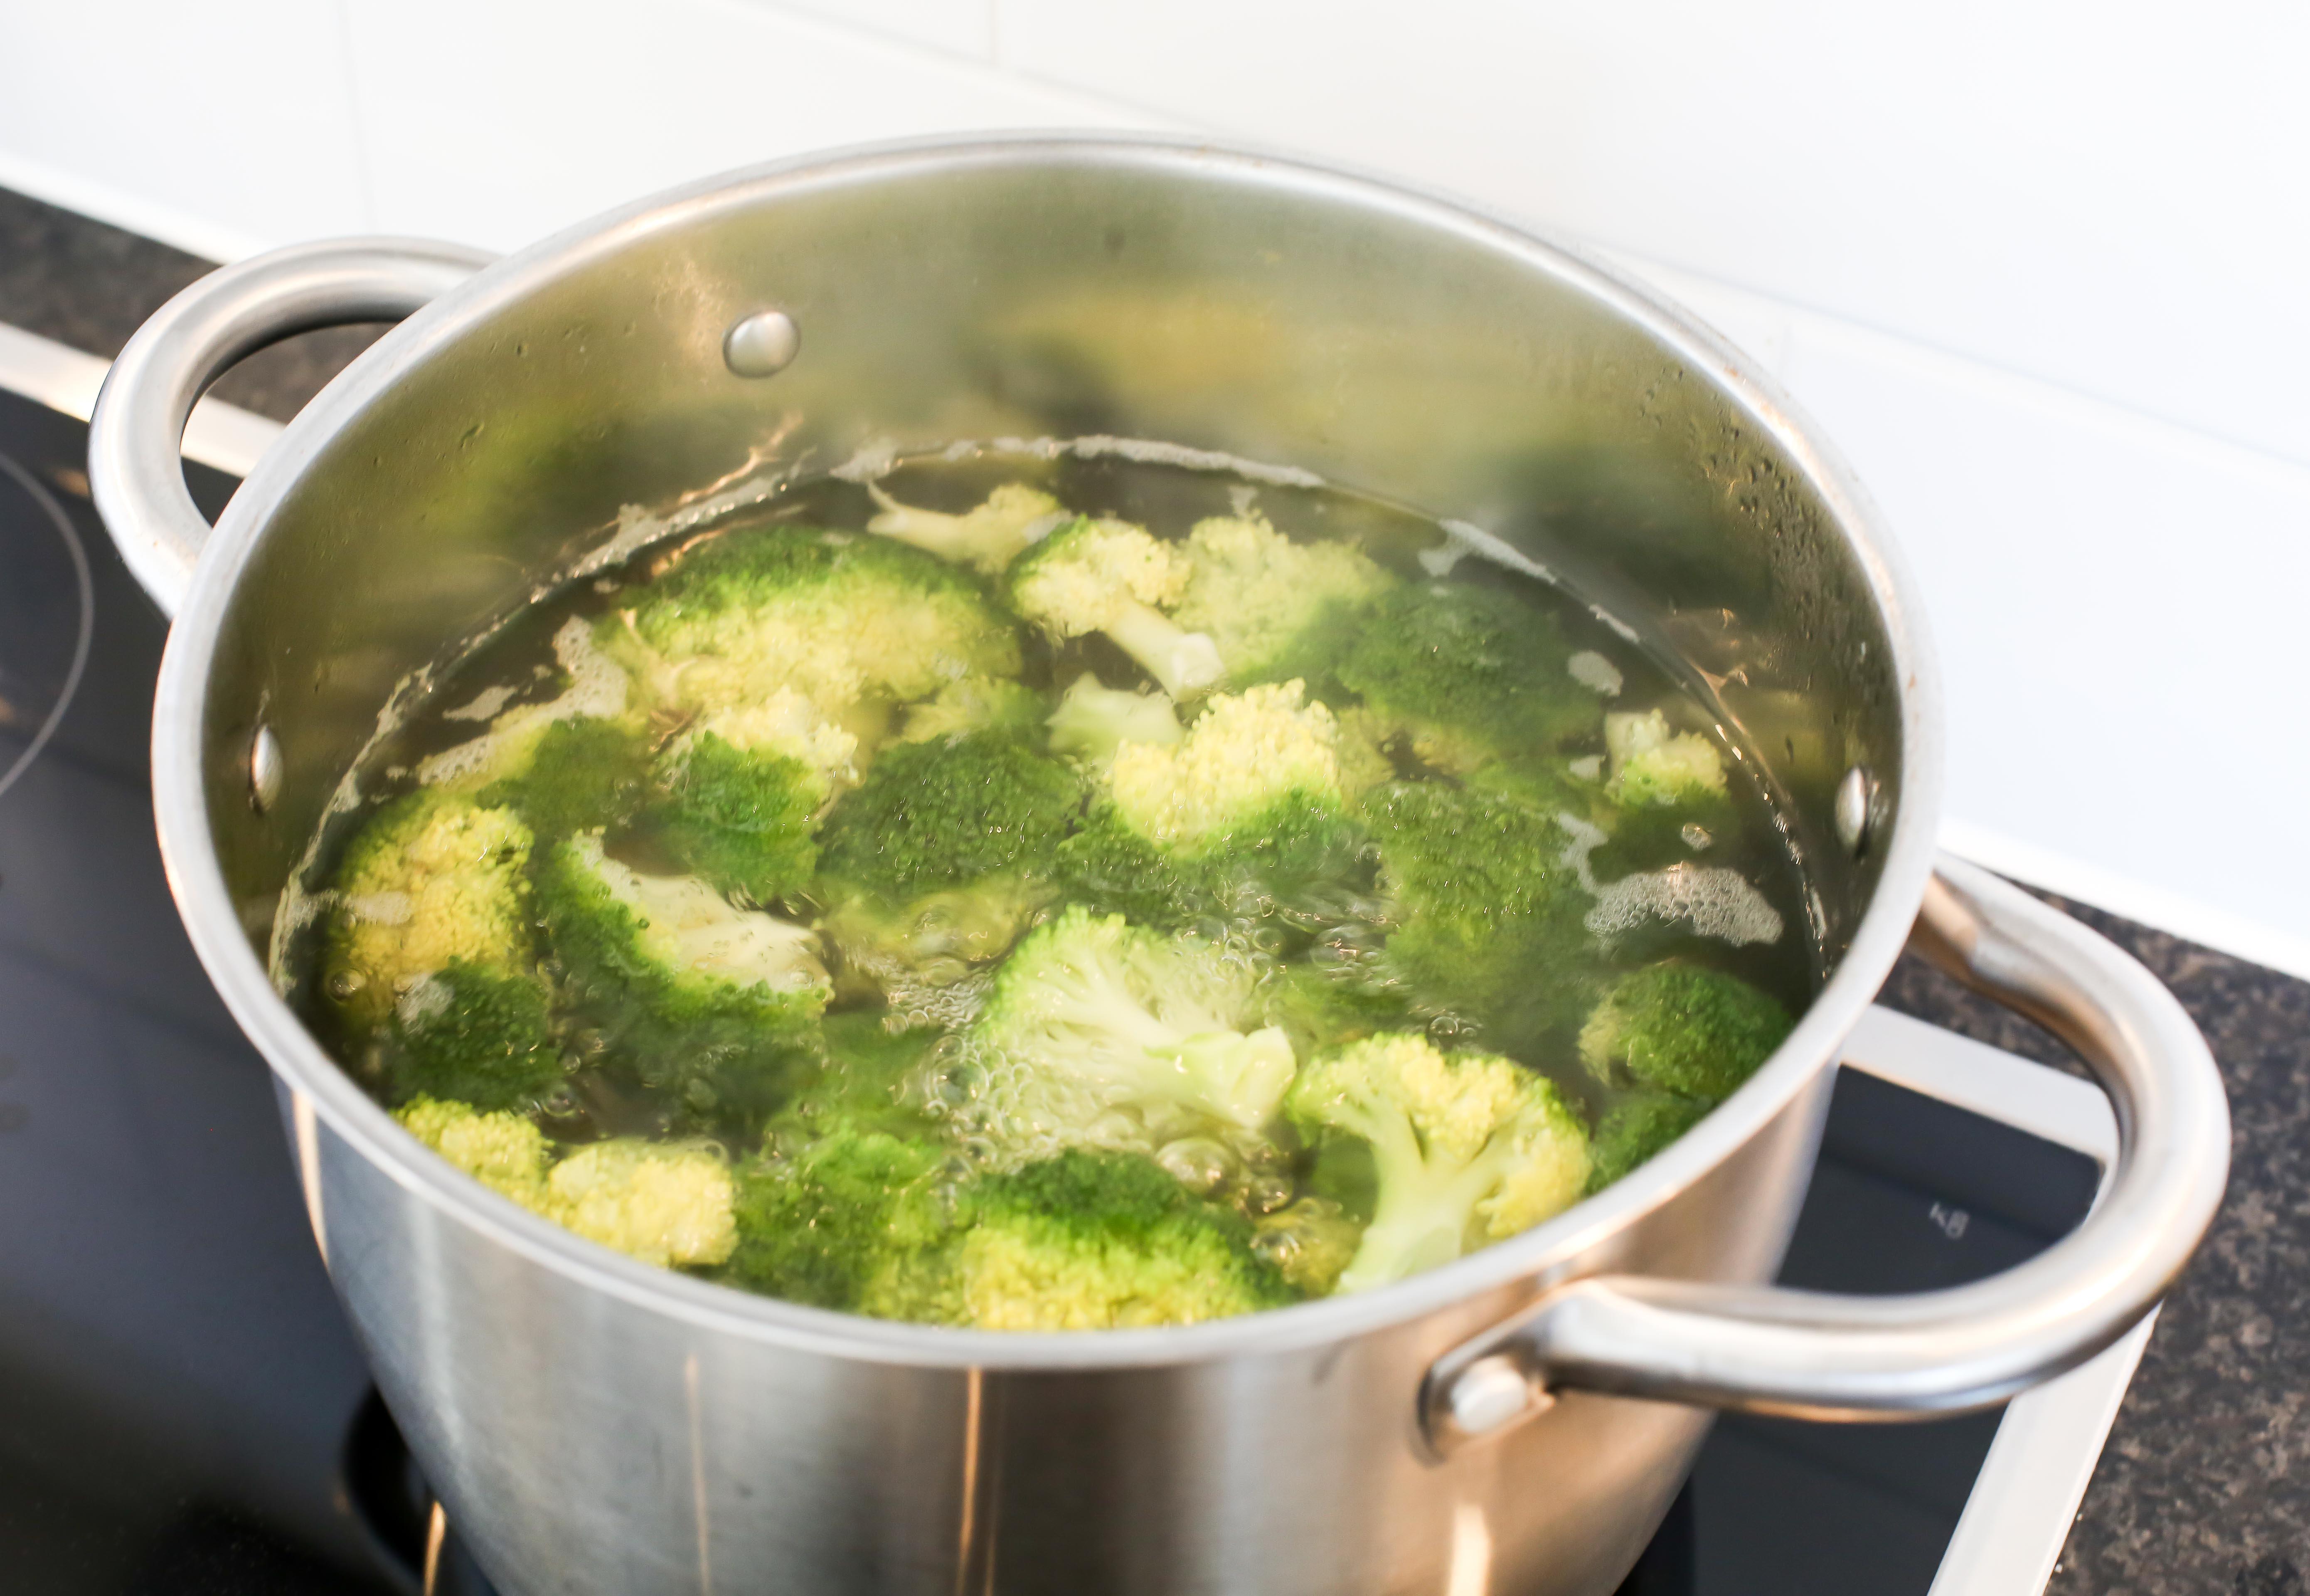 blog-mode-suisse-cuisine-recette-pates-brocolis1